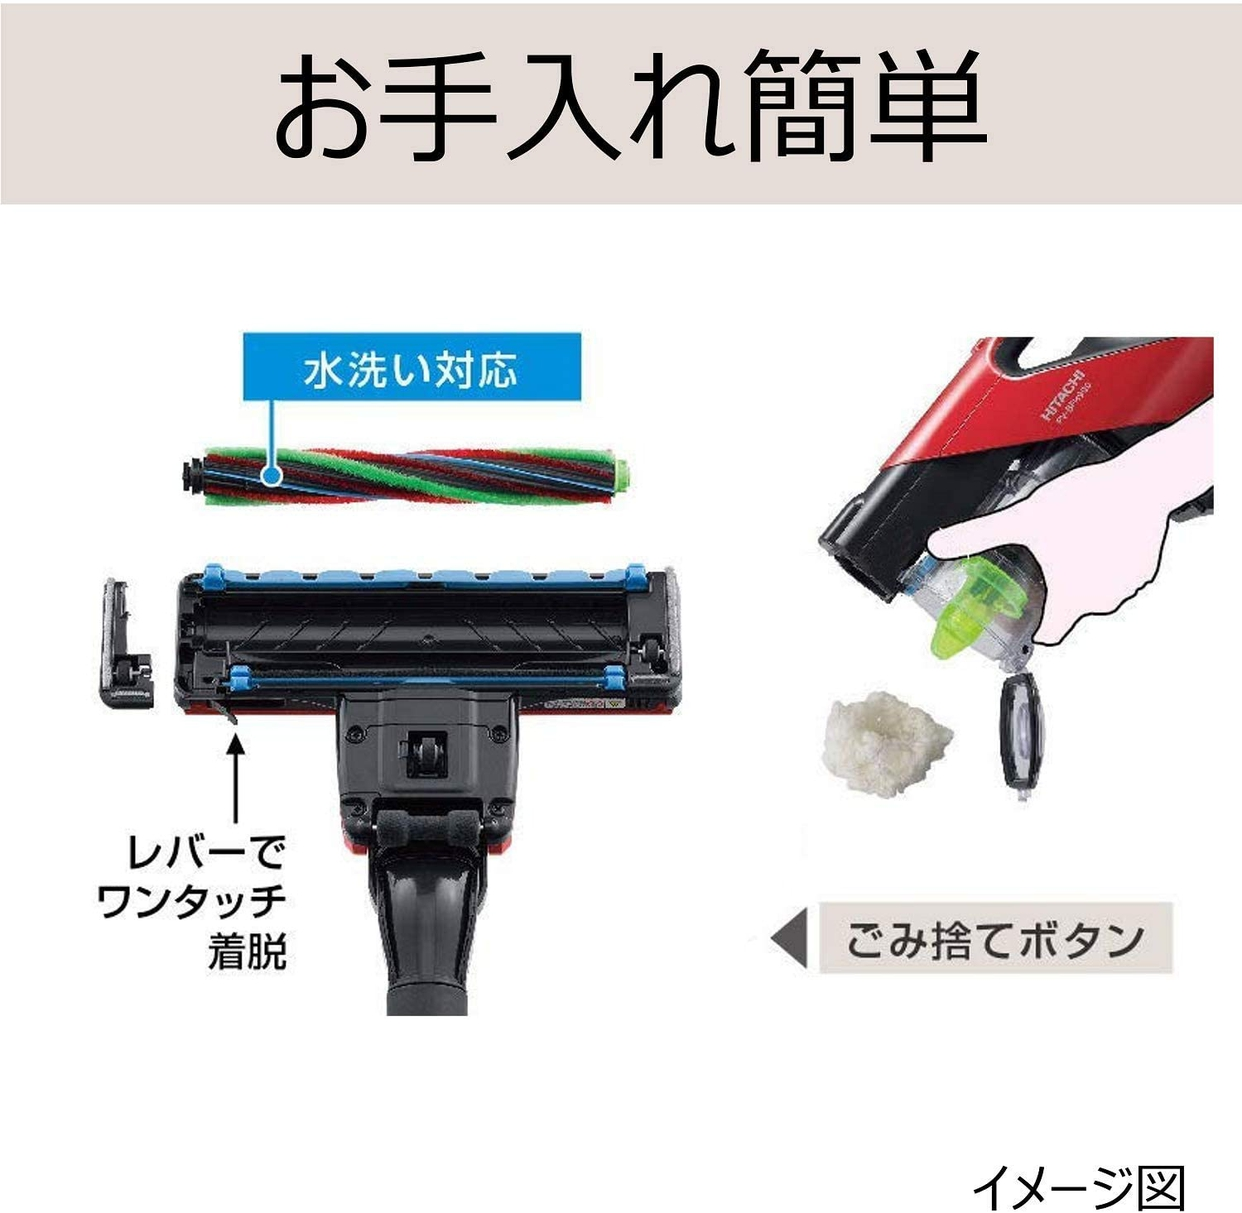 日立(HITACHI) パワーブーストサイクロン PV-BFH900の商品画像4